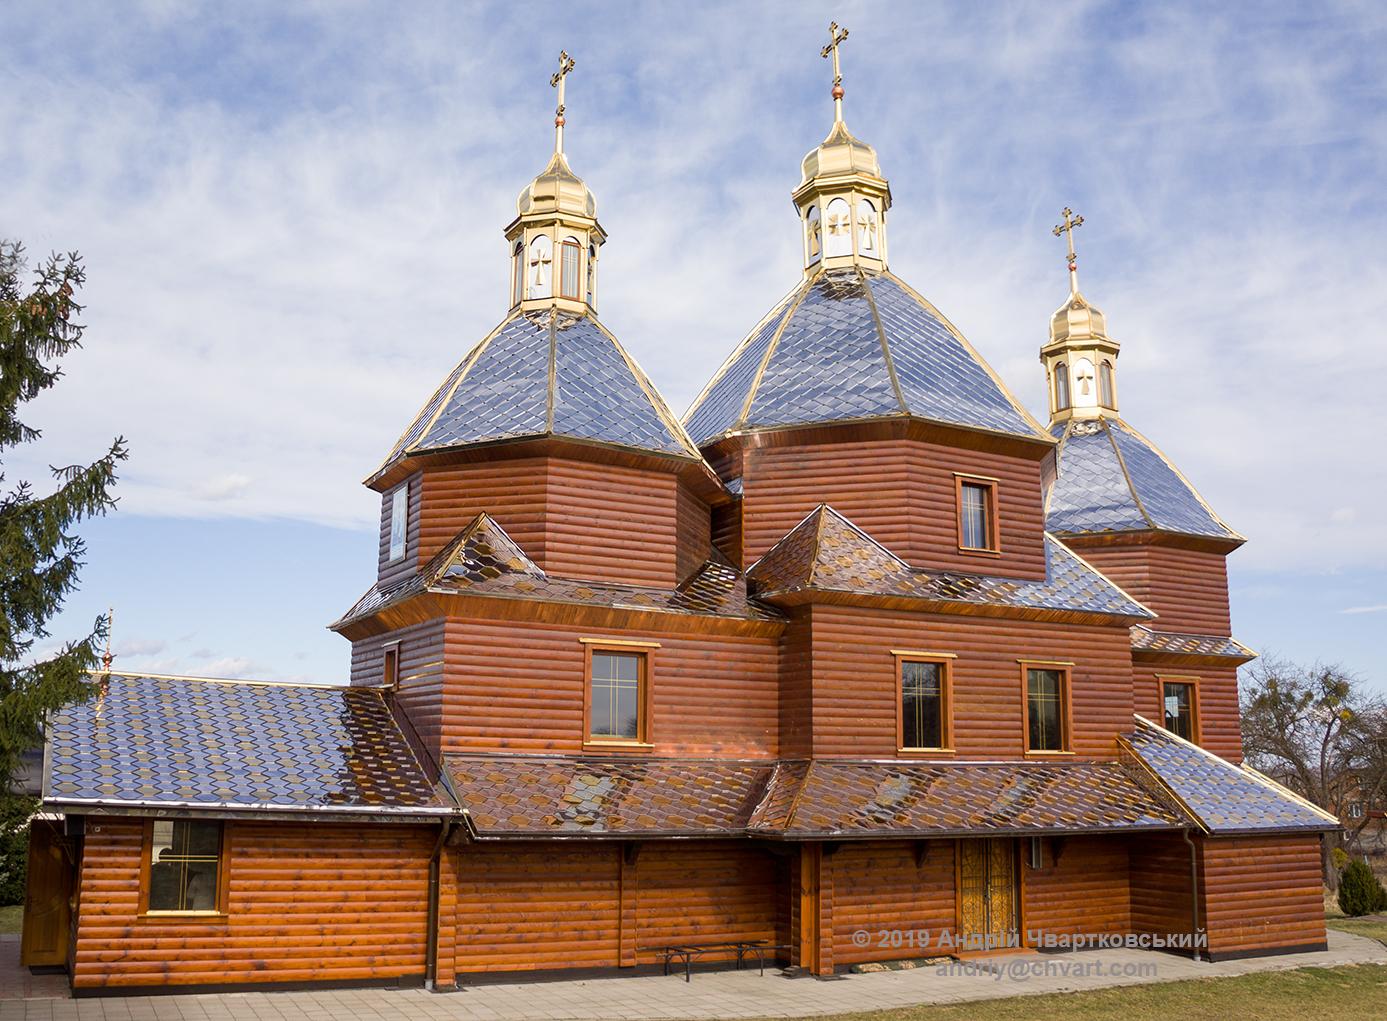 Дерев'яна церква Св. Параскеви